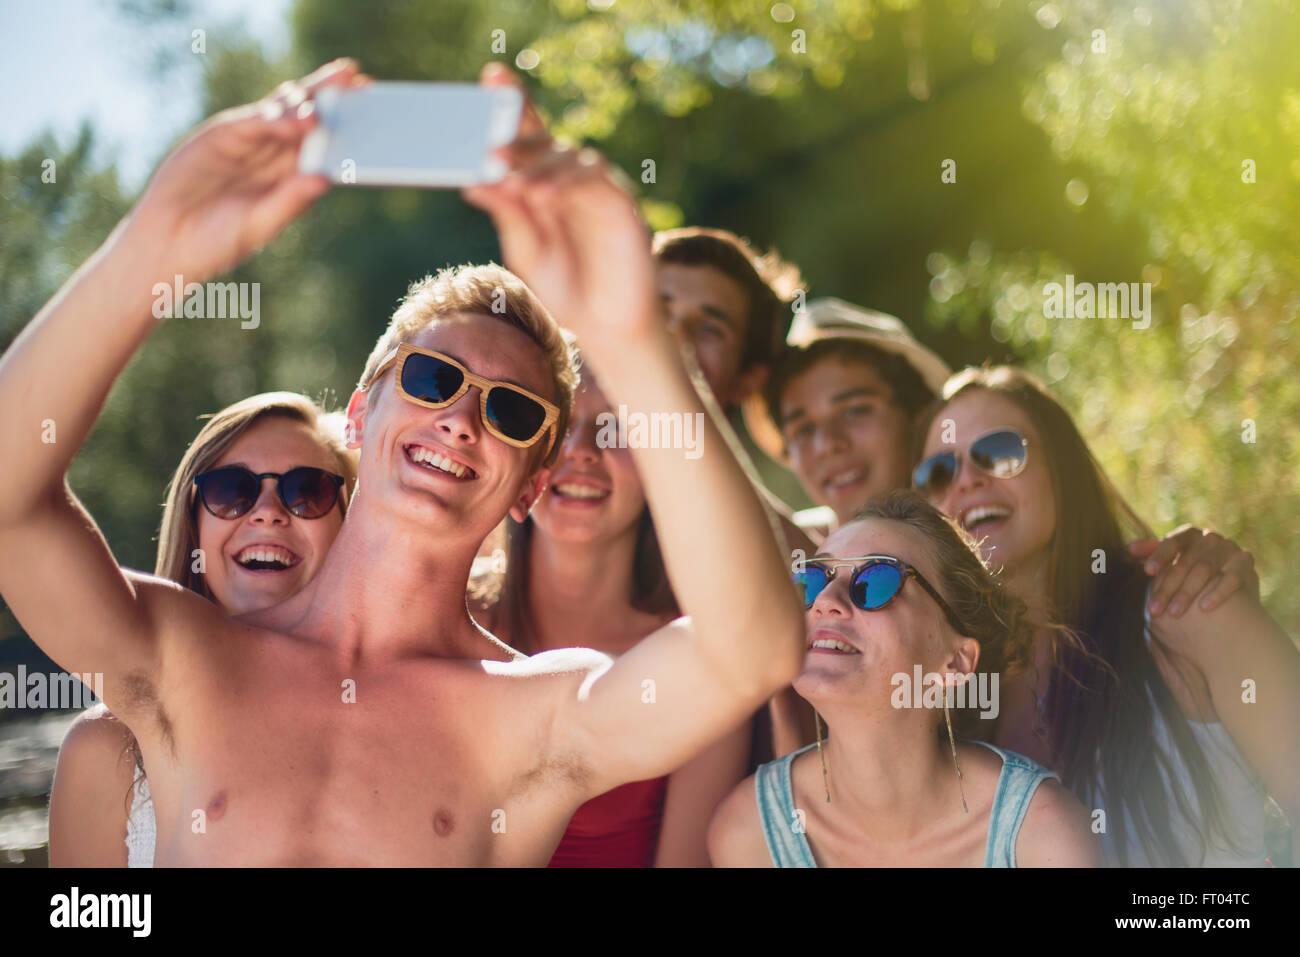 Se concentrer sur les jeunes gens en tenant vos autoportraits sur un  smartphone et posant bras 6ac5637d98c